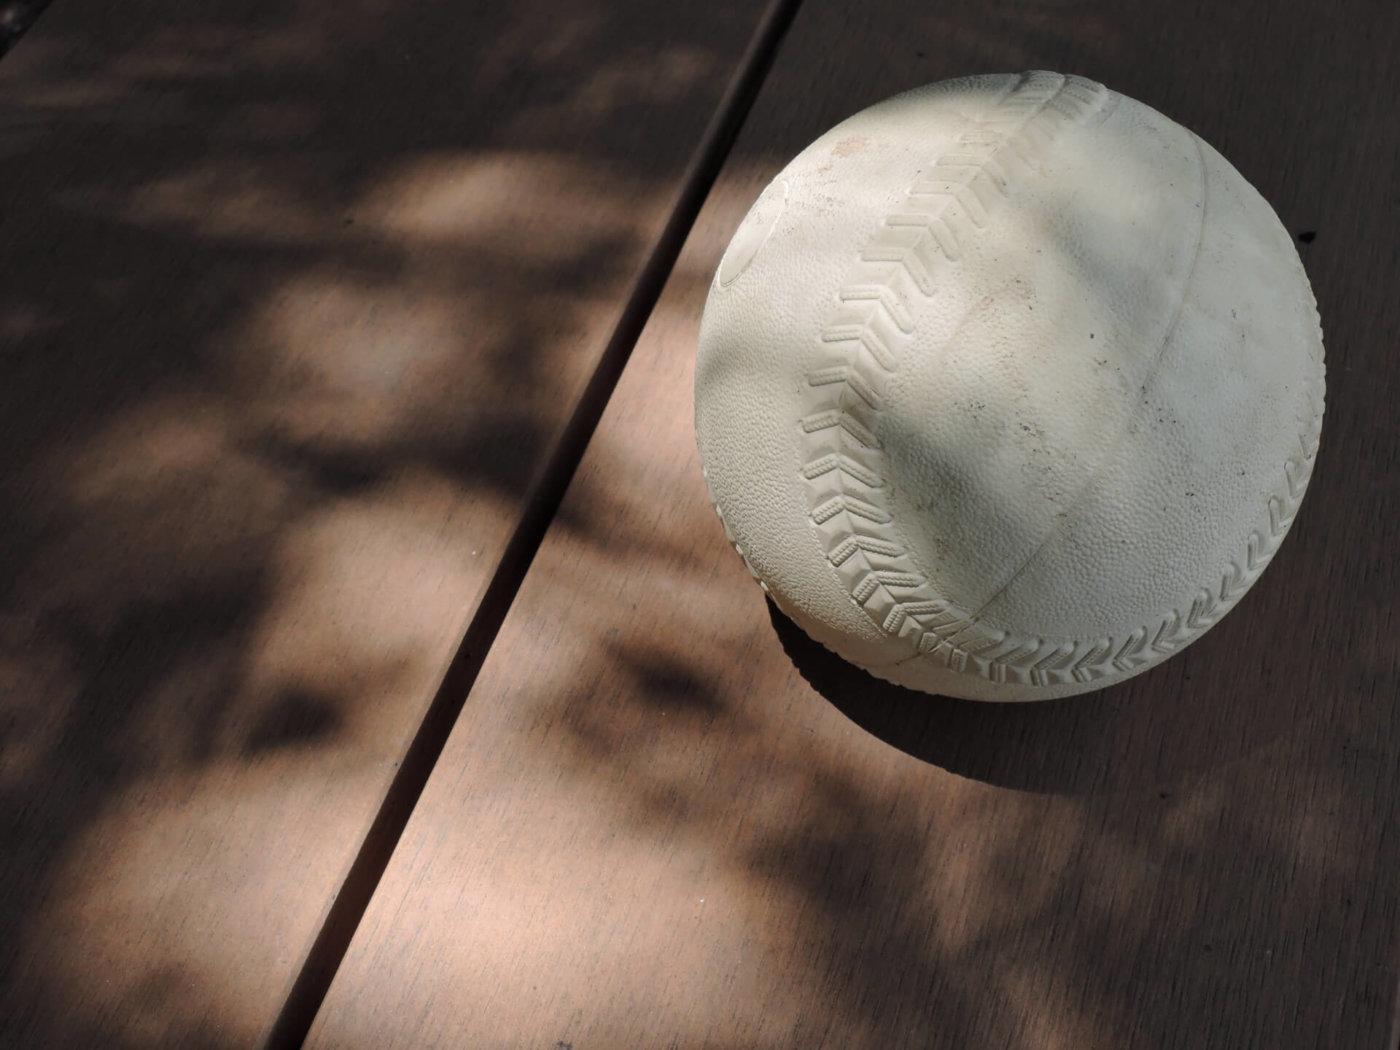 三振をたくさん取ろう!ソフトボールの主な変化球の握り方と投げ方まとめ